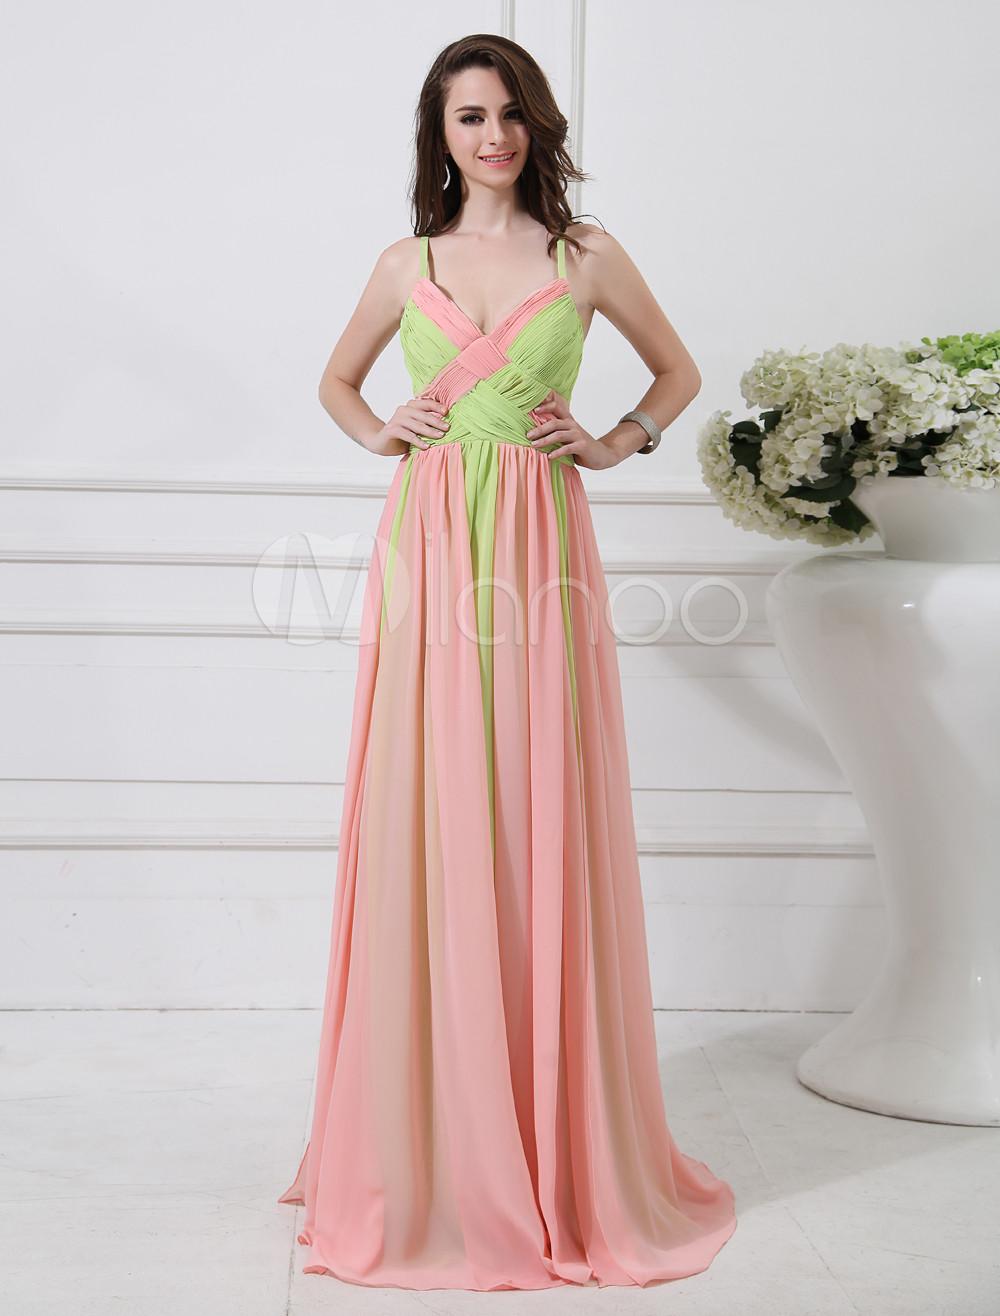 Beautiful Pink Spaghetti Straps Woven A-line Chiffon Evening Dress (Wedding Evening Dresses) photo